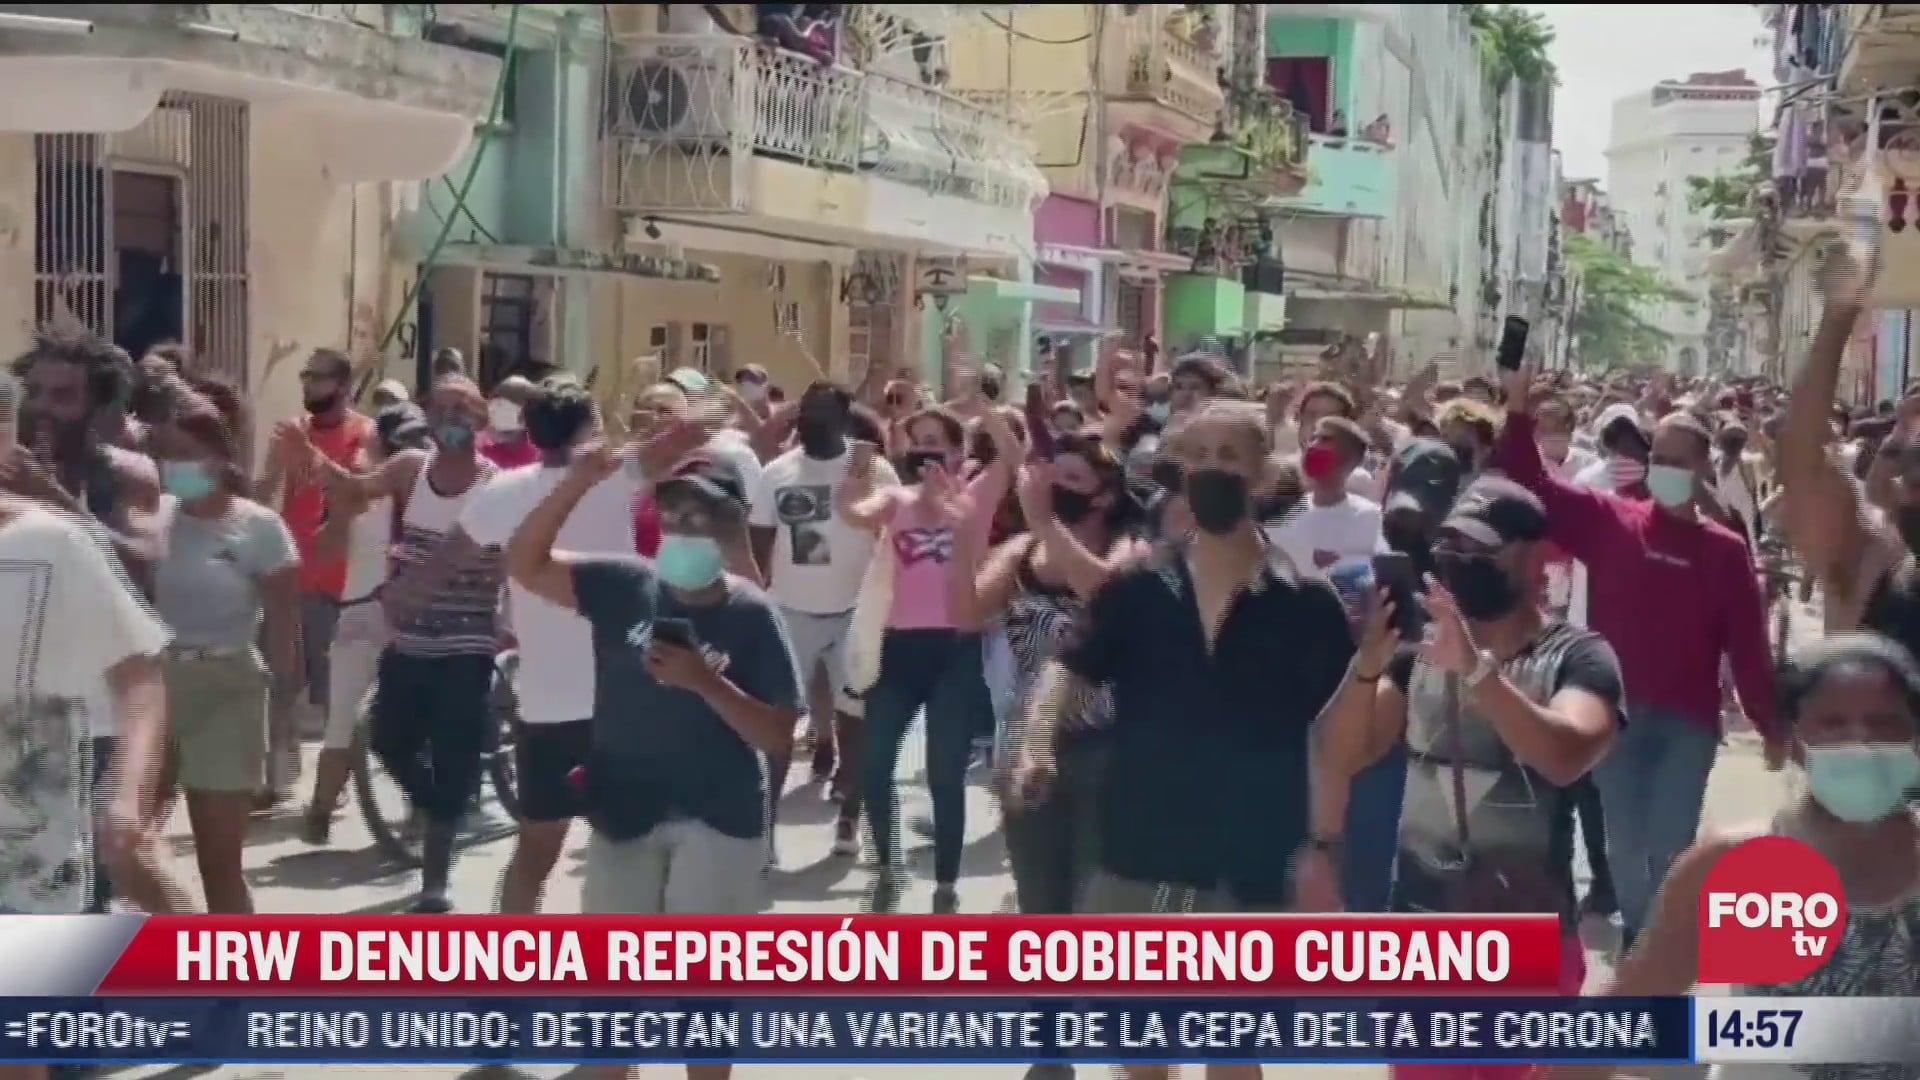 human rights watch acusa a gobierno cubano de cometer abusos en protestas